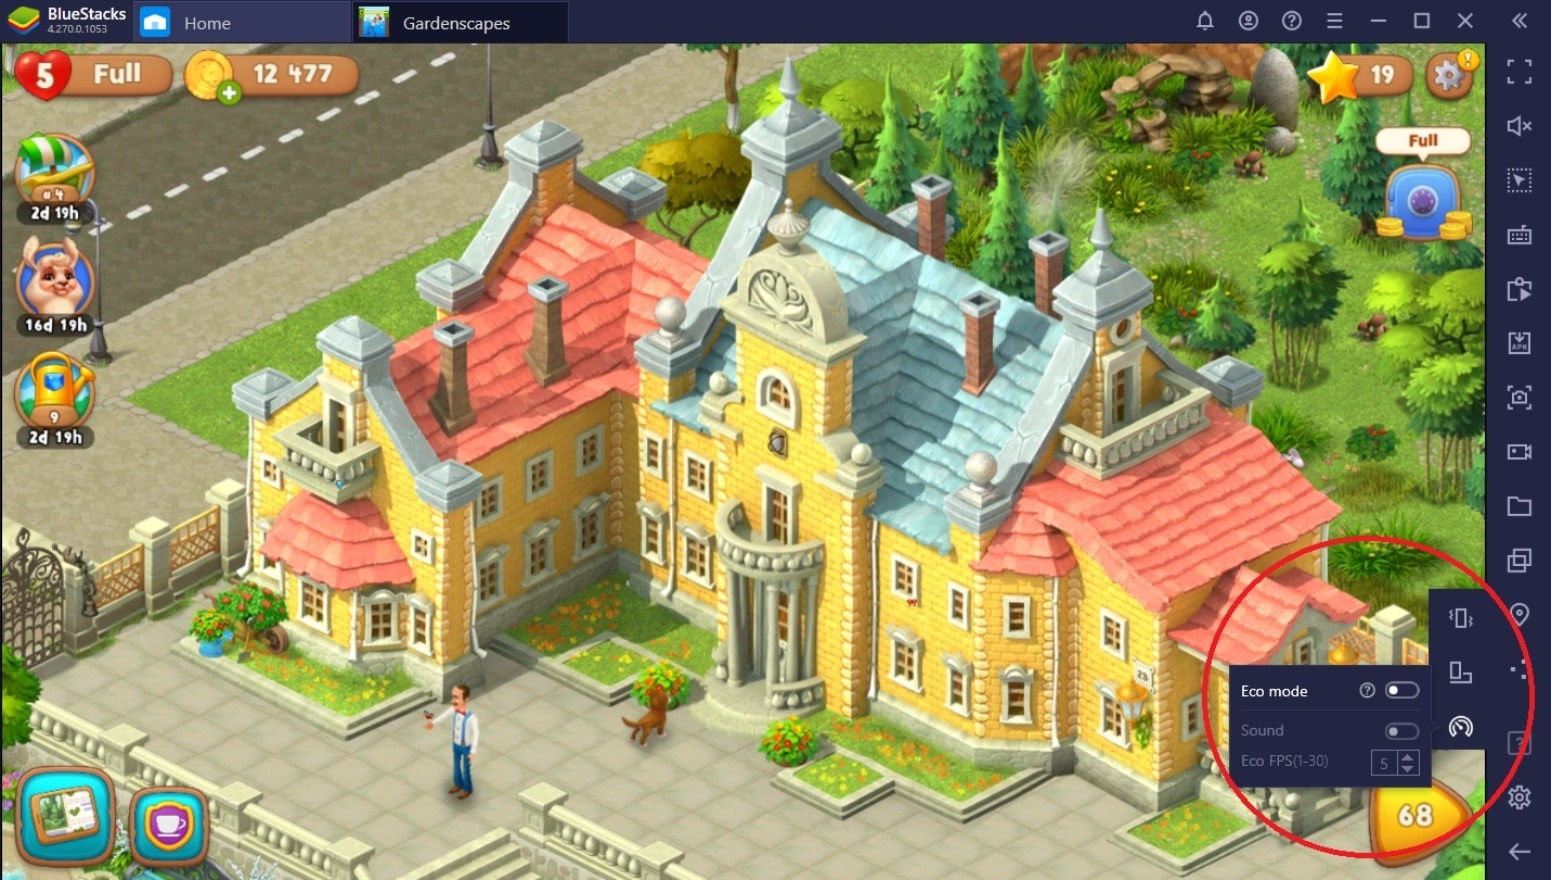 كيفيّة لعب لعبة Gardenscapes على جهاز الكمبيوتر باستخدام محاكي BlueStacks